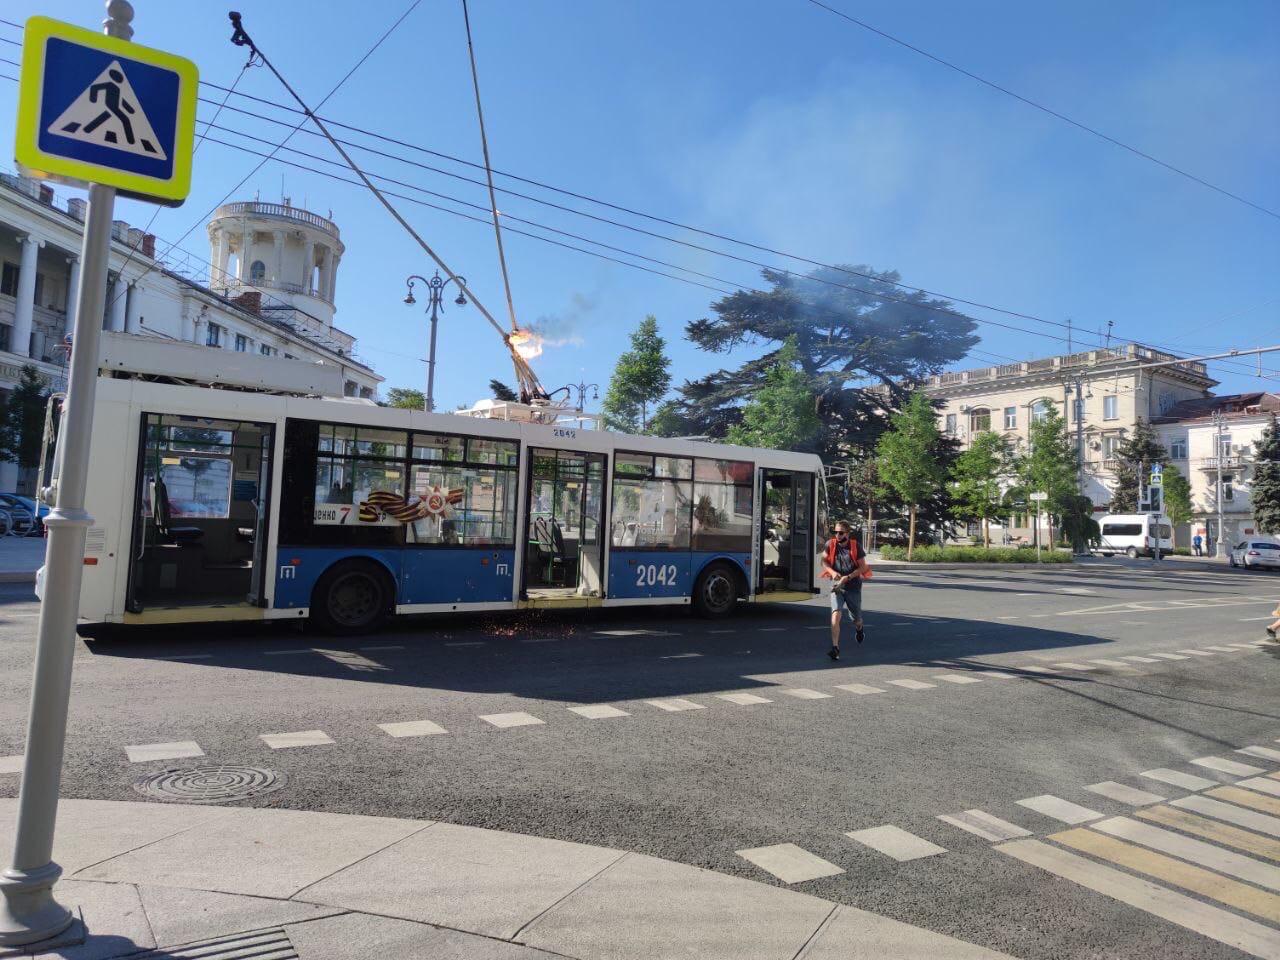 У троллейбуса в Севастополе во время движения вспыхнула штанга